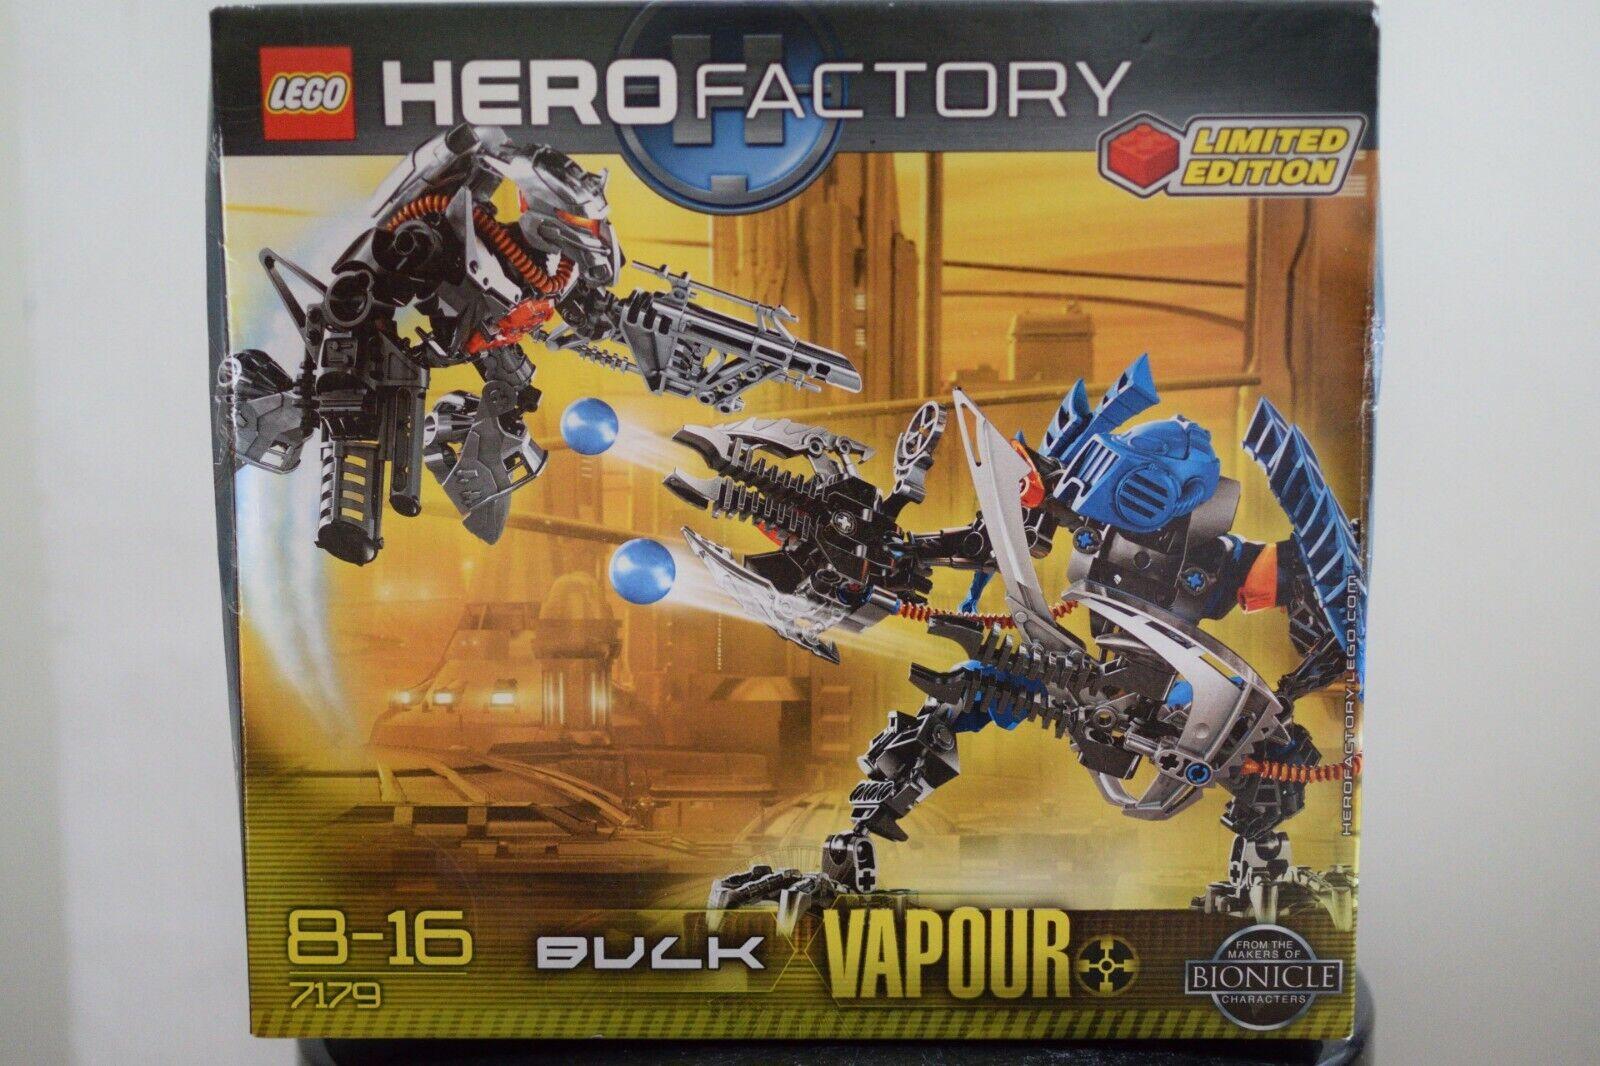 LEGO Hero  Factory 7179 BULK vapore Limited edizione BIONICLE Nuovo Di Zecca Sigillato  risparmiare fino all'80%